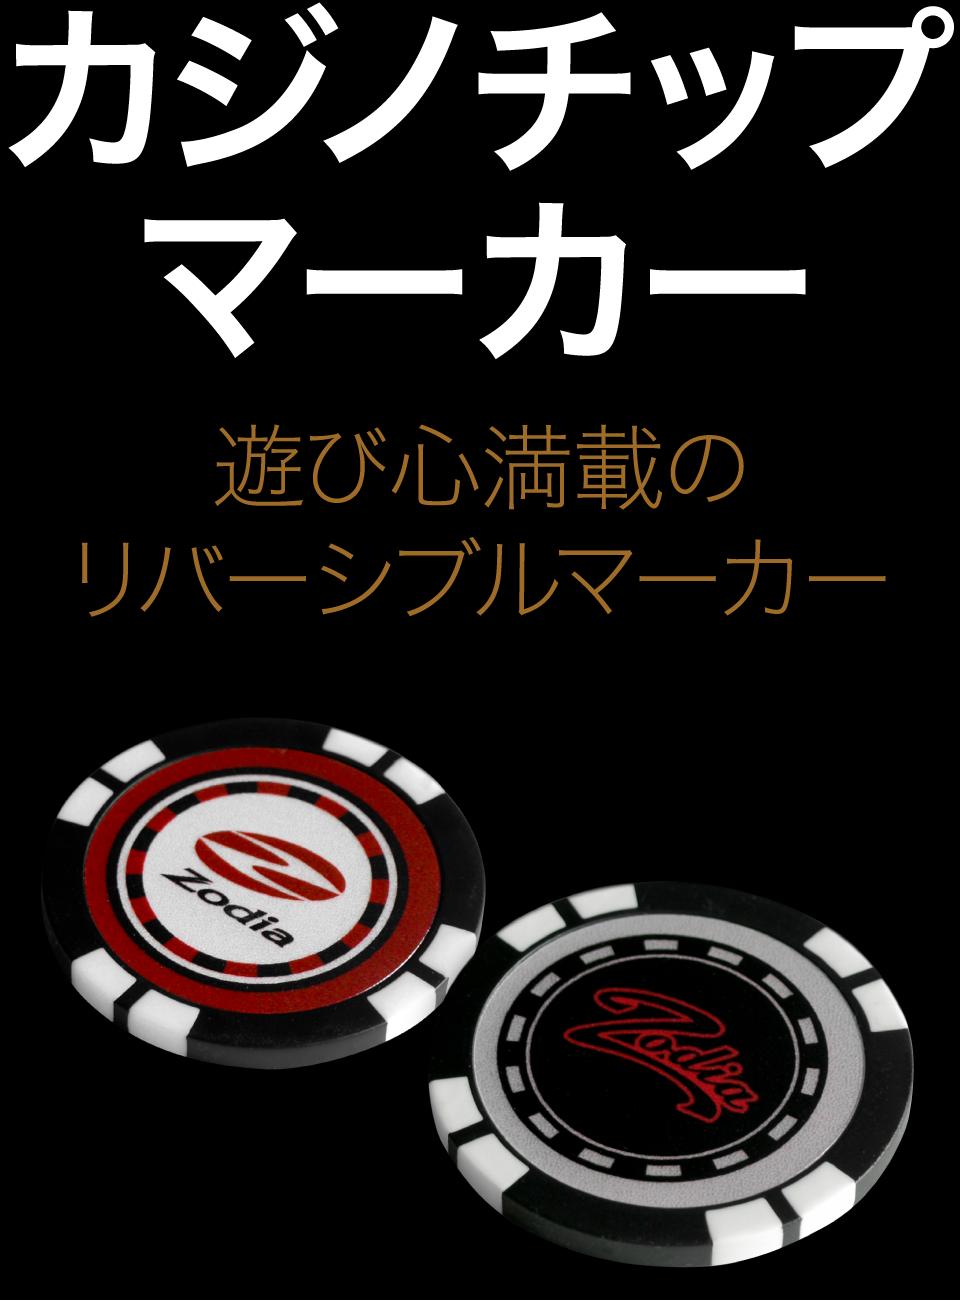 カジノチップに Zodia のロゴをはめ込んた?デザイン性の高いマーカーです。裏表のデザインが異なったリバーシブルタイプでプレゼントにも最適です。